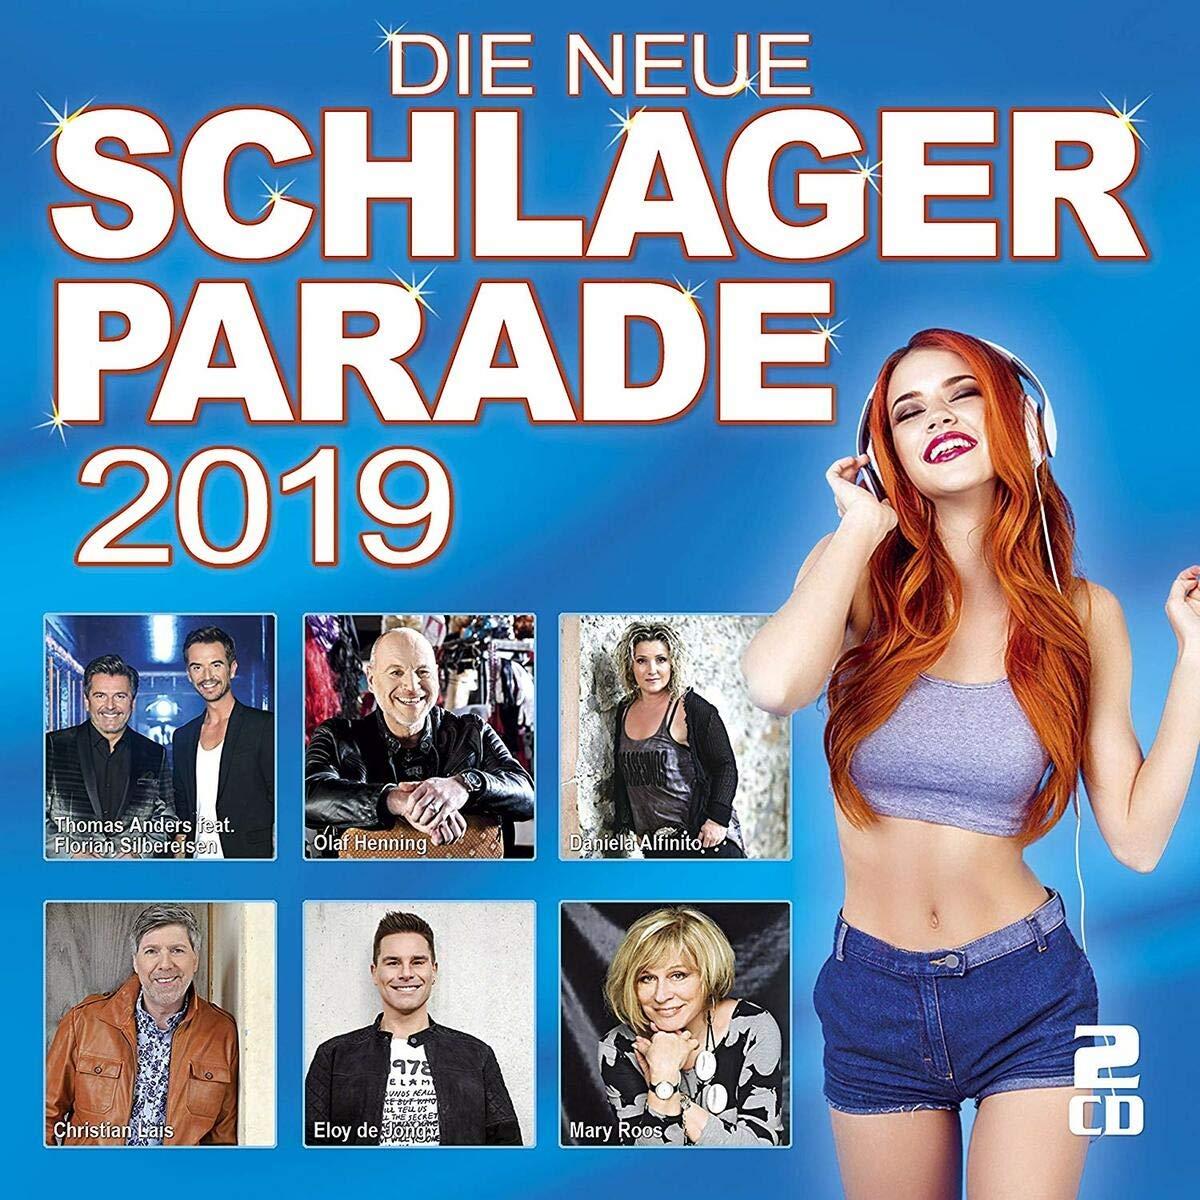 Die Neue Schlagerparade 2019 (2CD)(2019